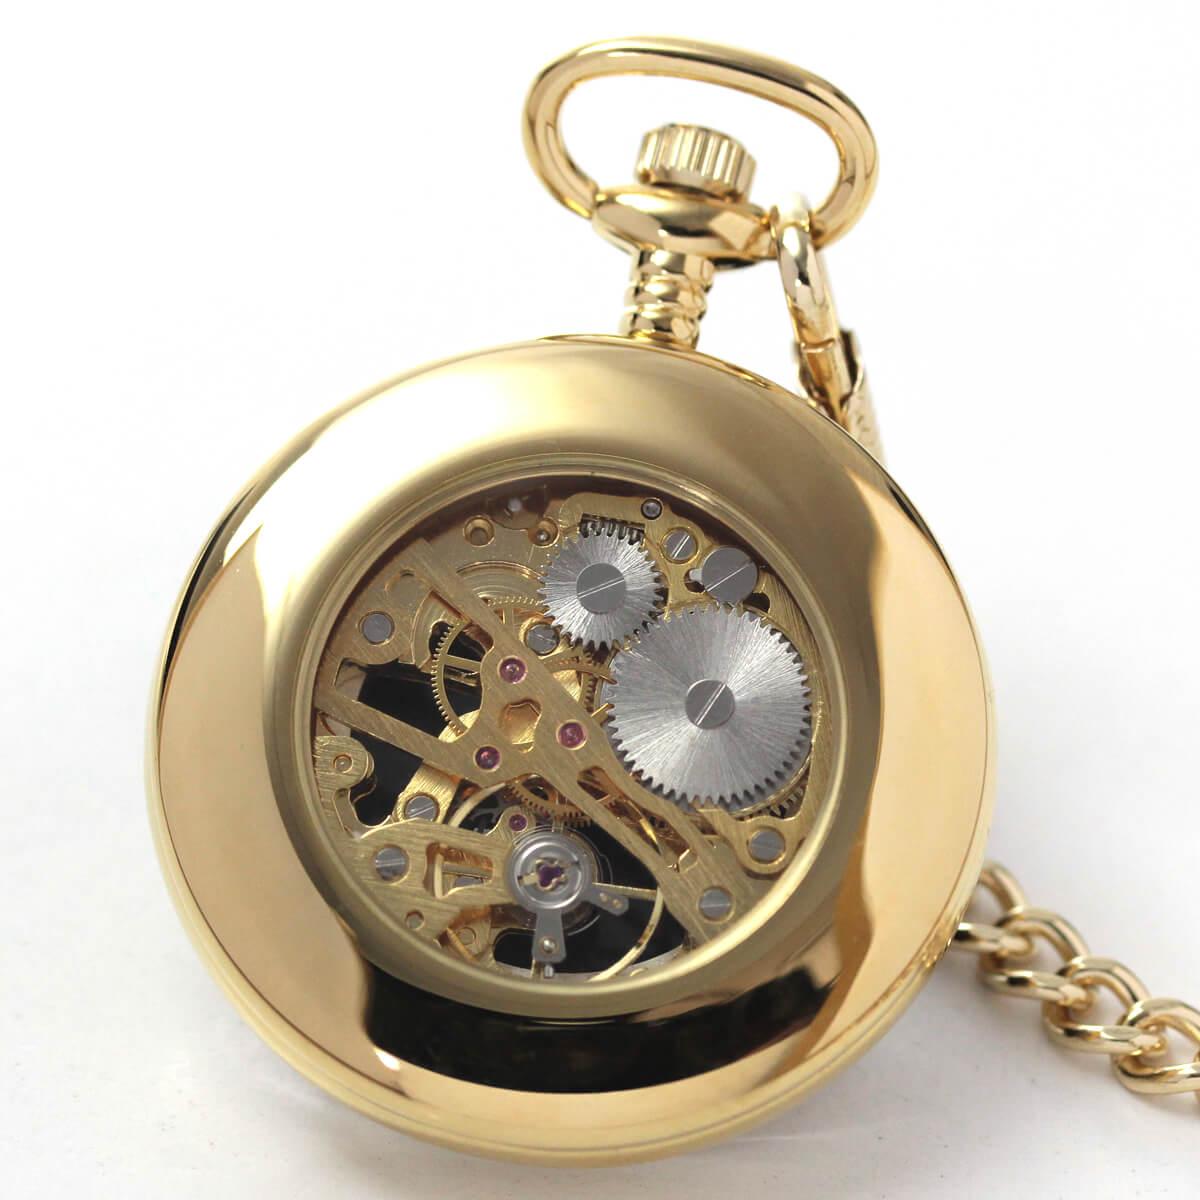 ROYAL LONDON(ロイヤルロンドン) 手巻きスケルトン懐中時計 90002-03 本体裏側